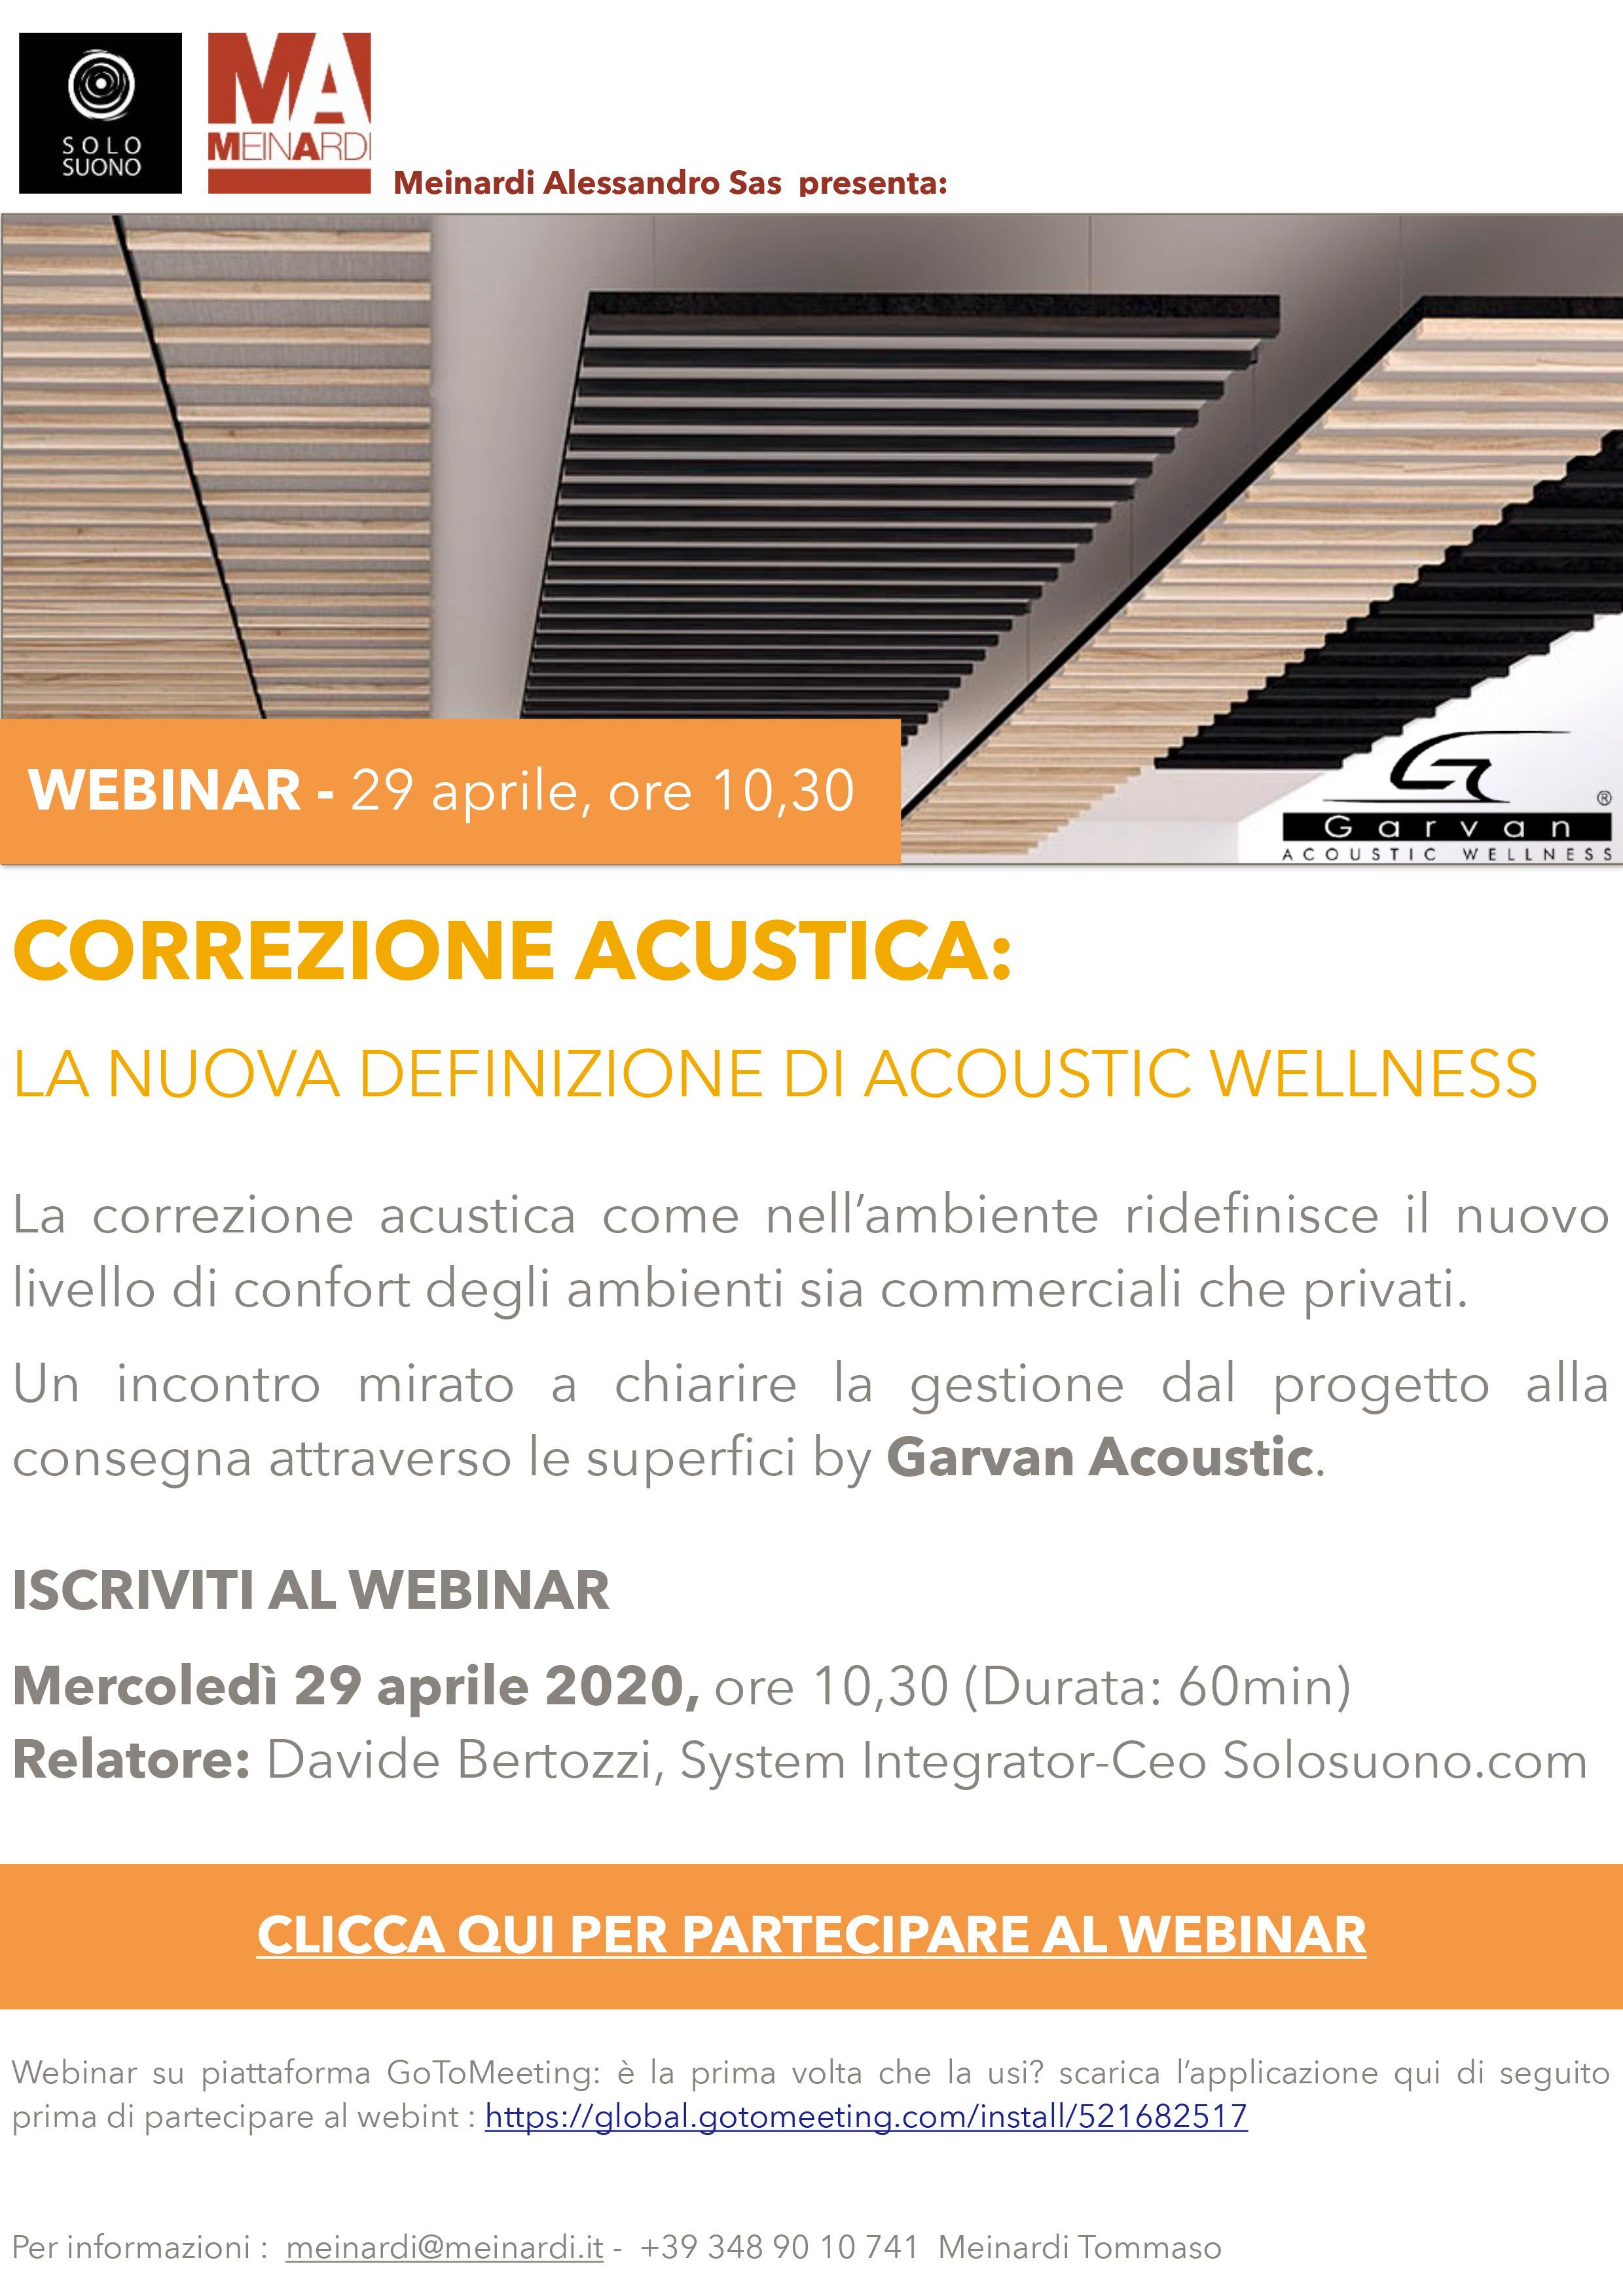 Webinar Correzione acustica